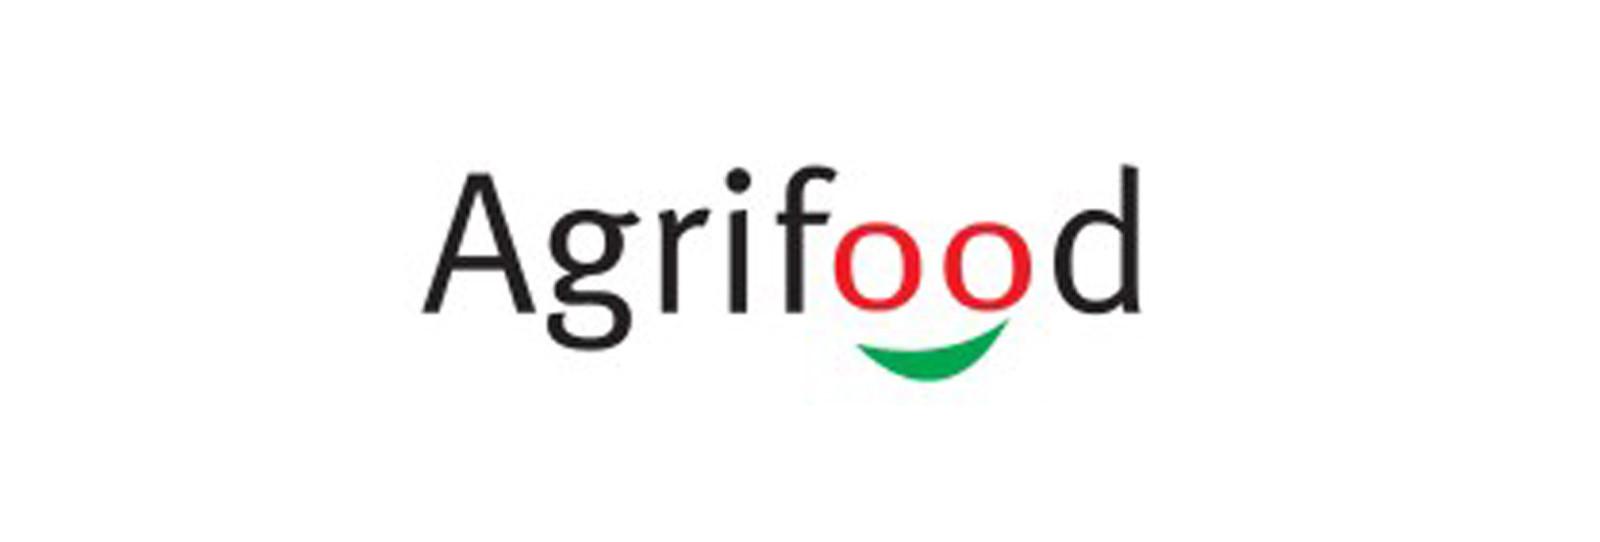 """CORSI GRATUITI IN """"MEDIAZIONE DELL'AGRIFOOD"""""""